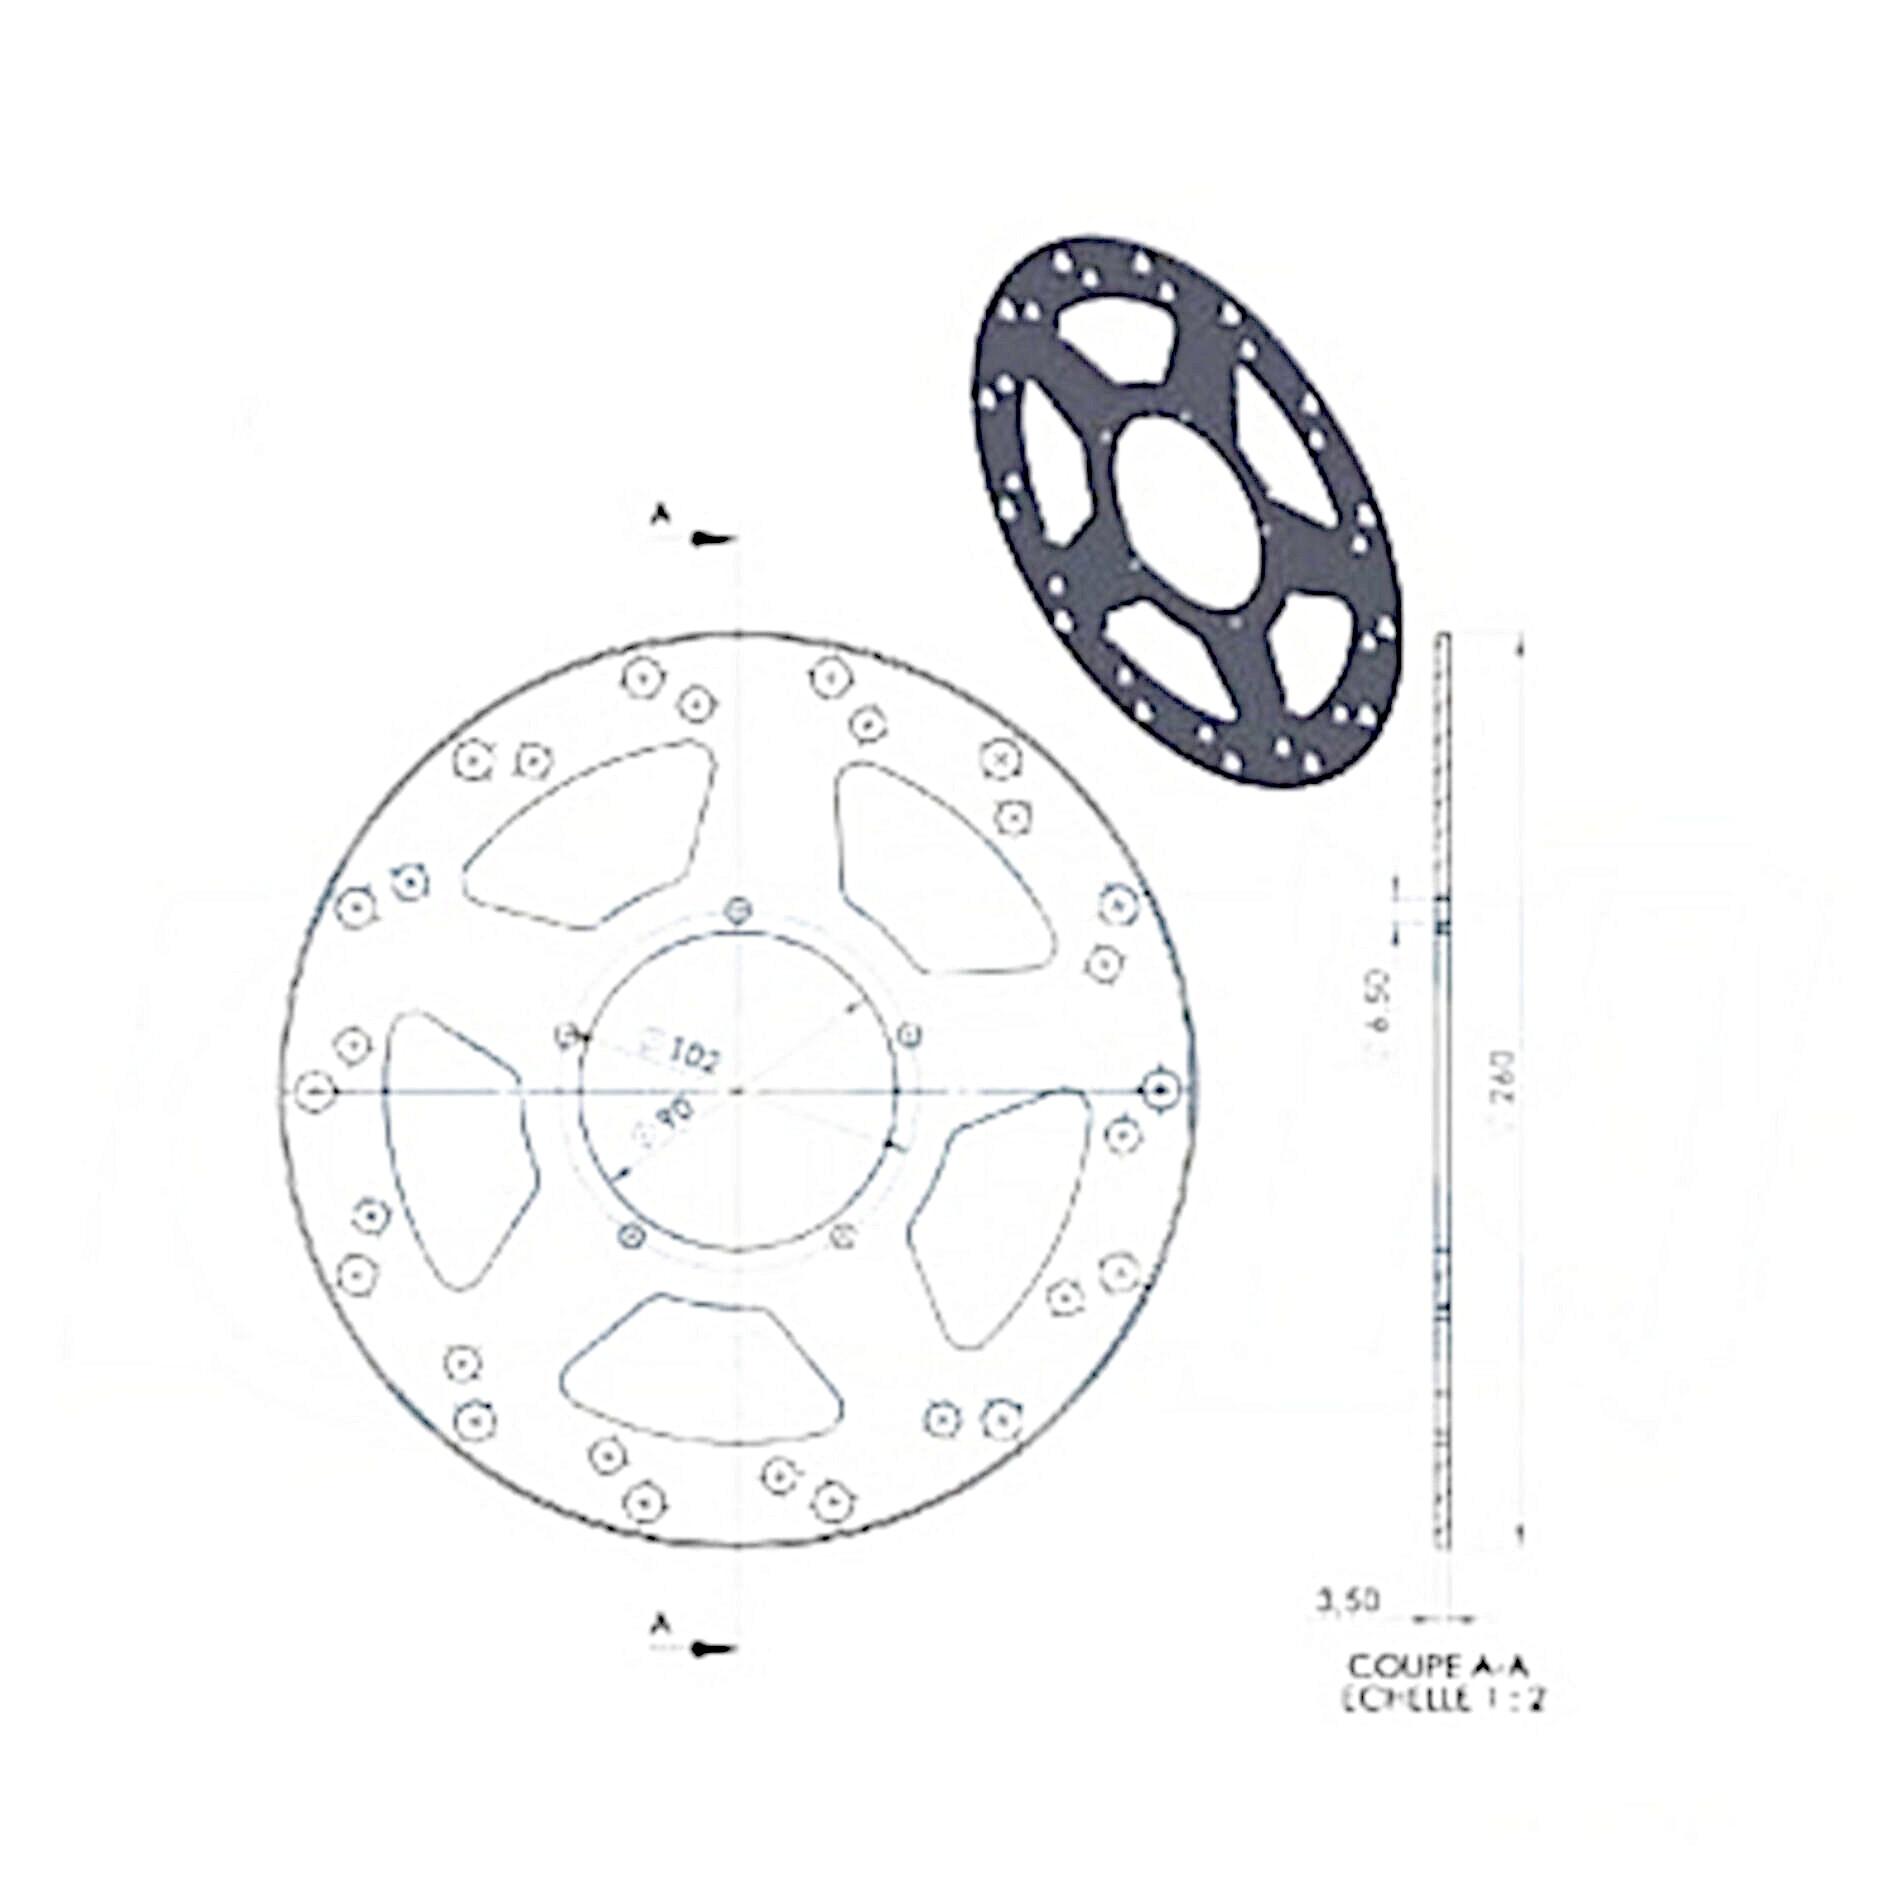 Disque de frein avant NG Brake Disc D.260 PEUGEOT XR6 2000 - 342